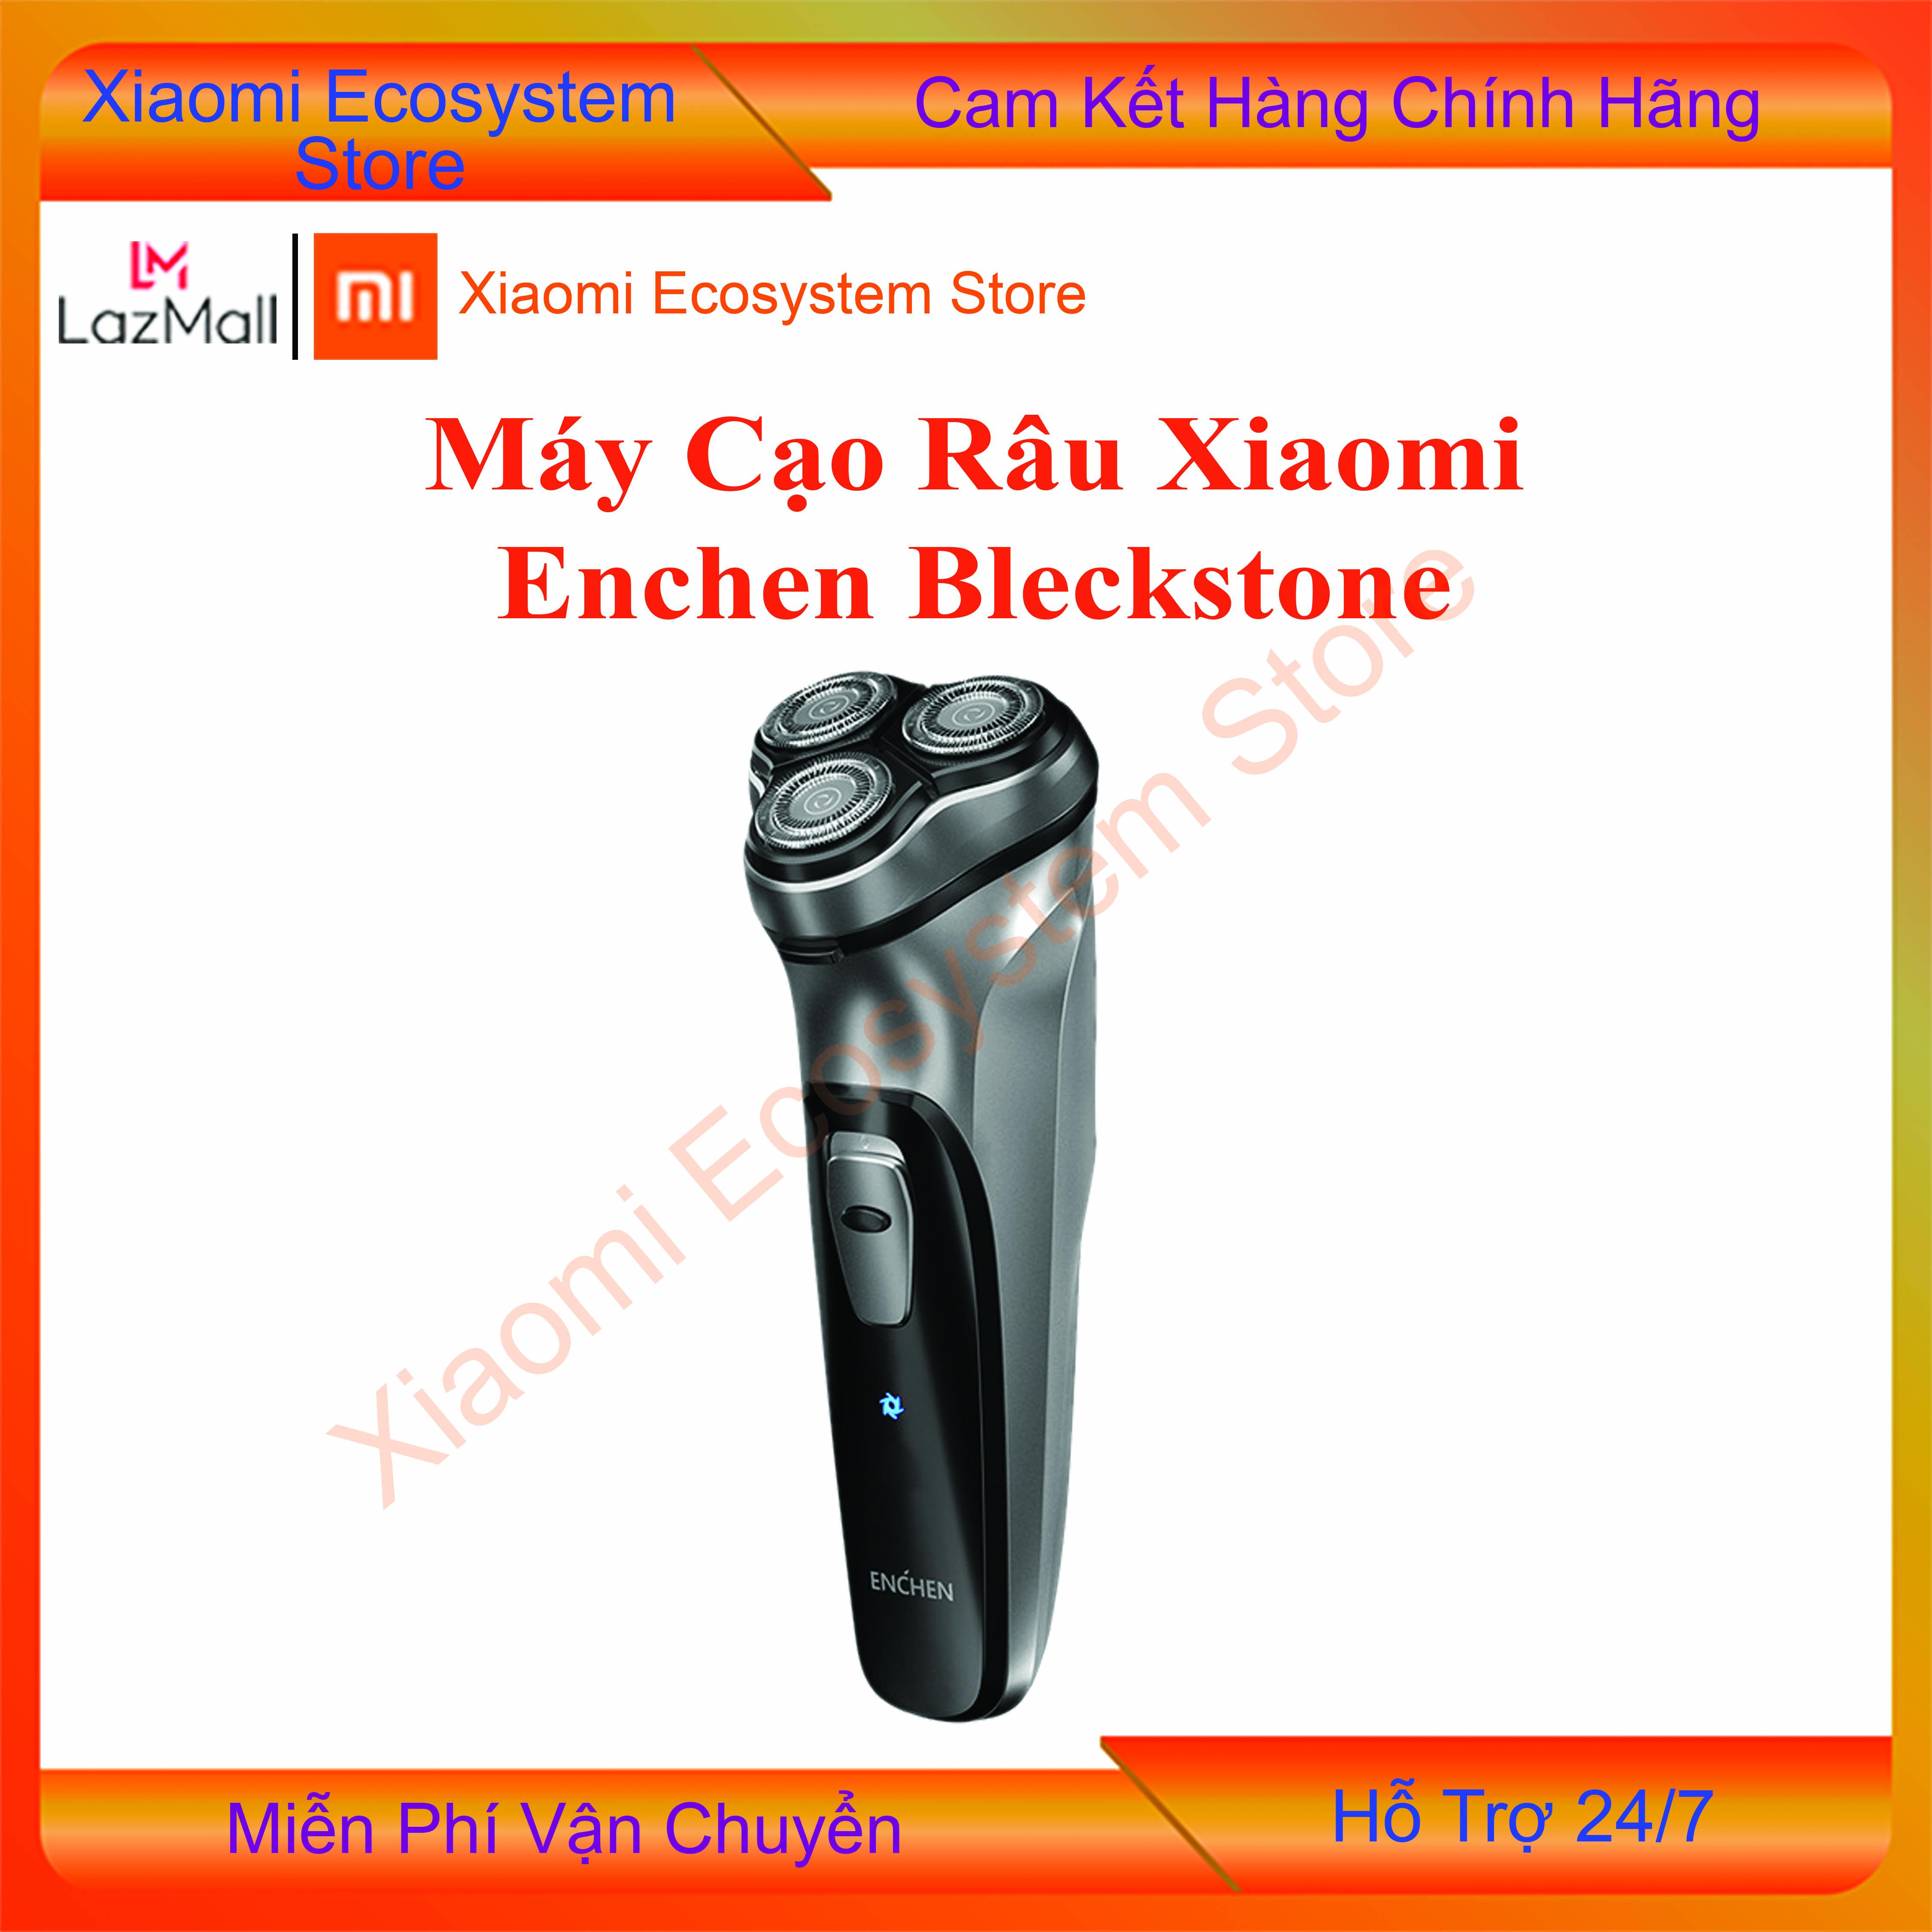 [MIỄN PHÍ SHIP] Máy cạo râu Xiaomi ENCHEN Blackstone Shaver Màu đen bạc đầu dao nổi 3D an toàn, cạo sạch, dao cạo râu điện phiên bản sạc pin thông minh